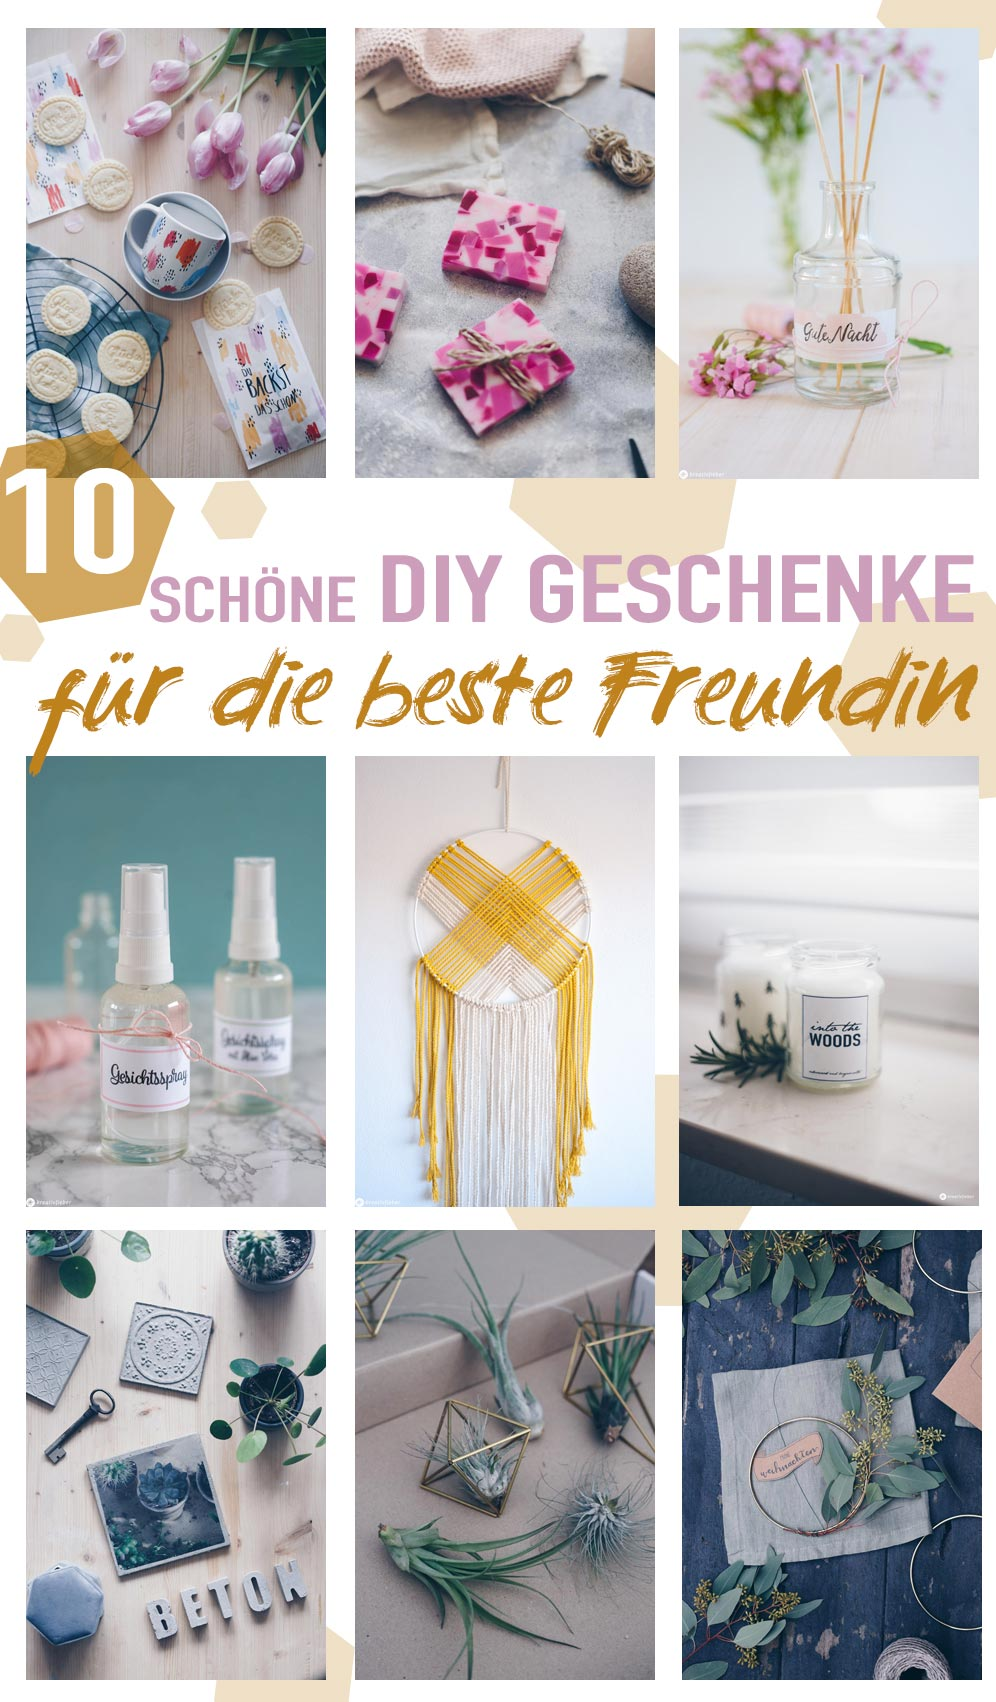 10 schöne DIY Geschenke für die beste Freundin selbermachen - DIY Weihnachtsgeschenke